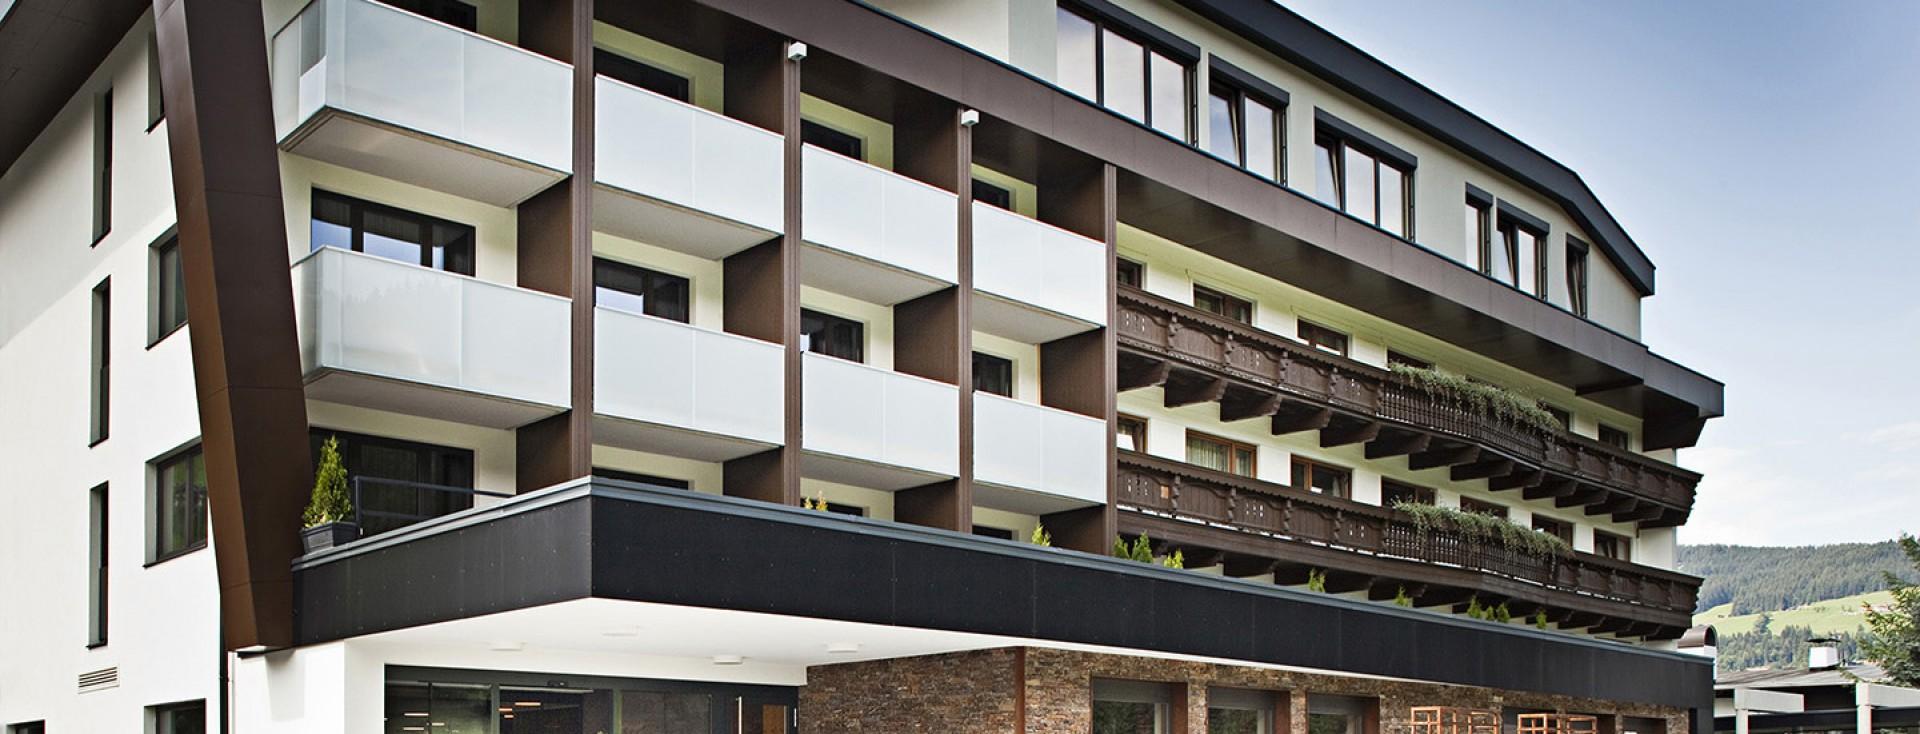 Hotel Restaurant Spa Rosengarten